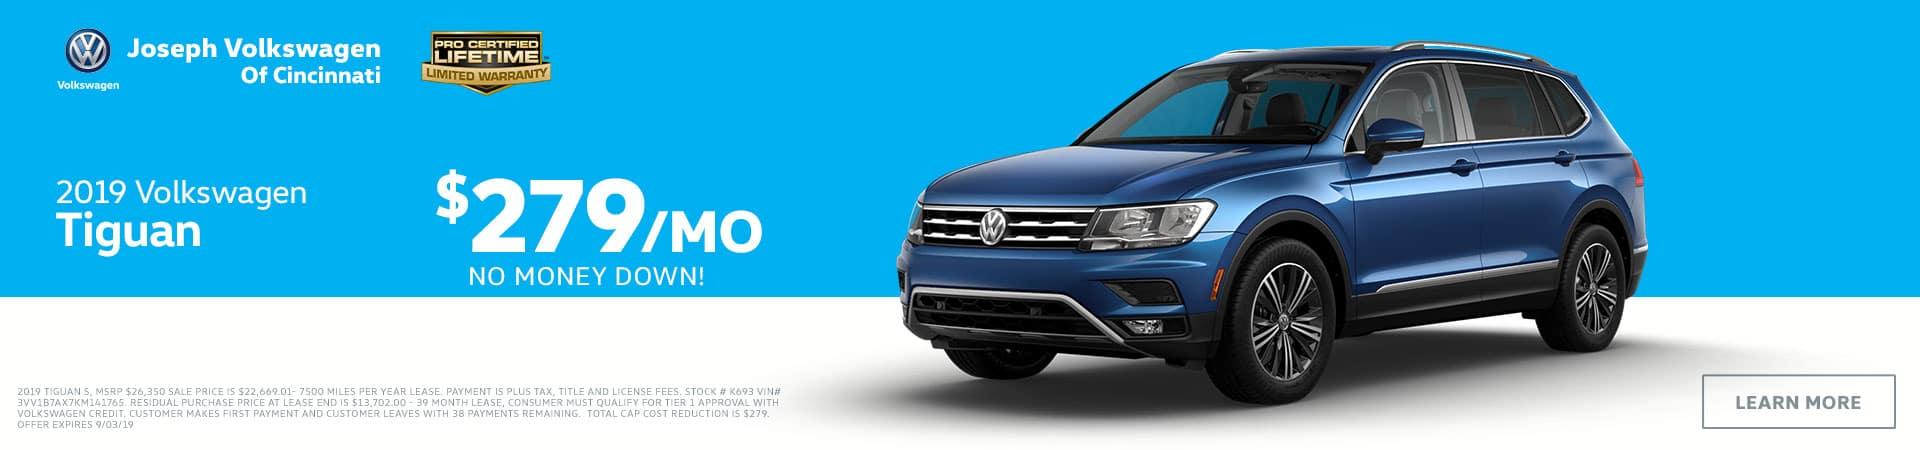 2019 Volkswagen Tiguan in Cincinnati, OH